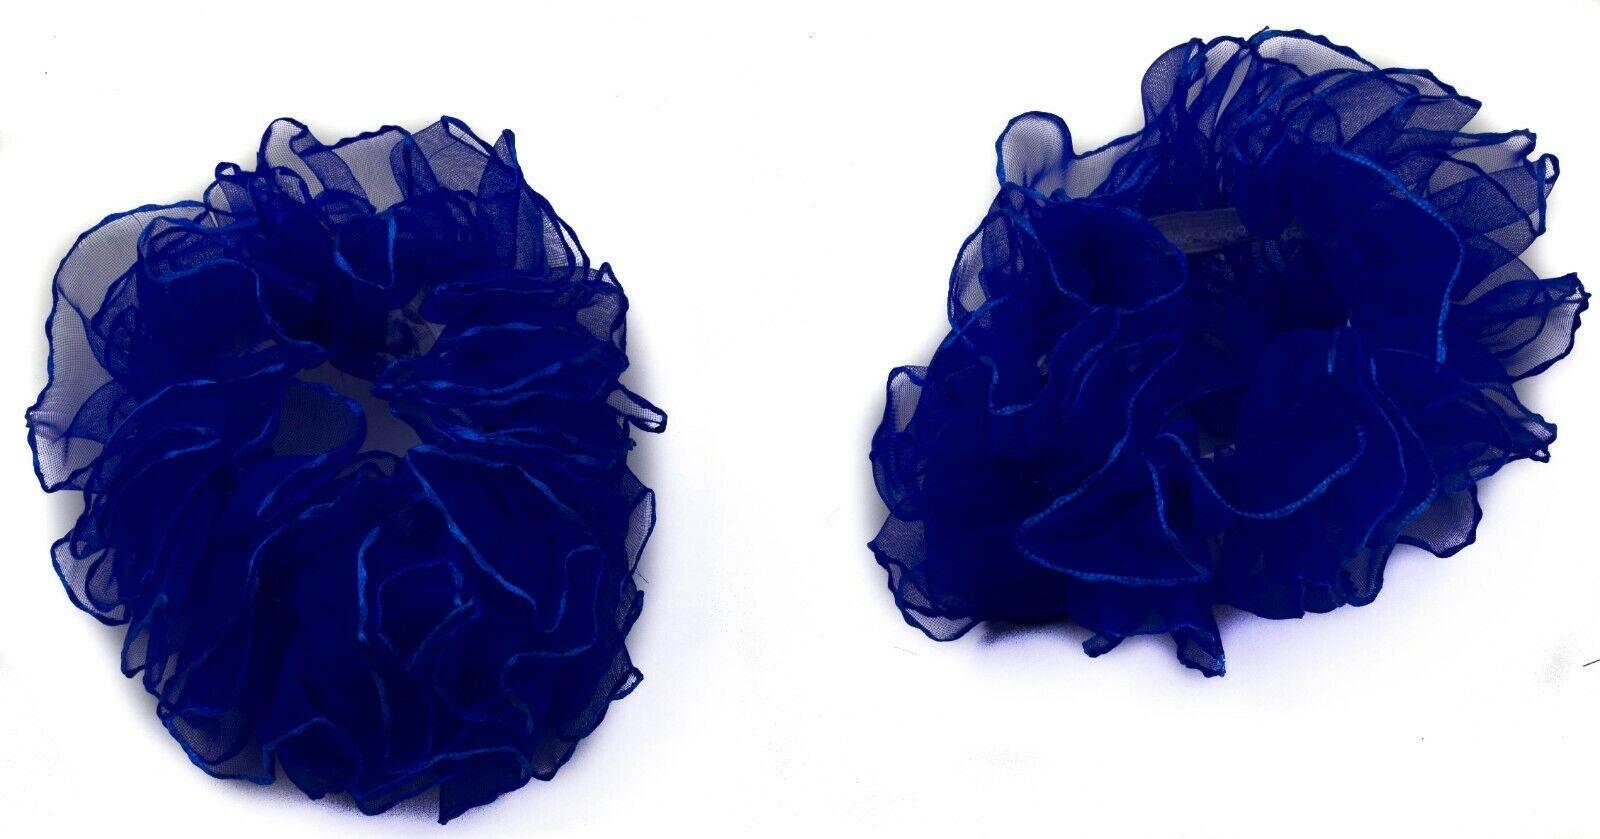 50/% OFF B16102042 Damen 77 Lifestyle Hose Jeans 5-Pockets Destroy Patches blau